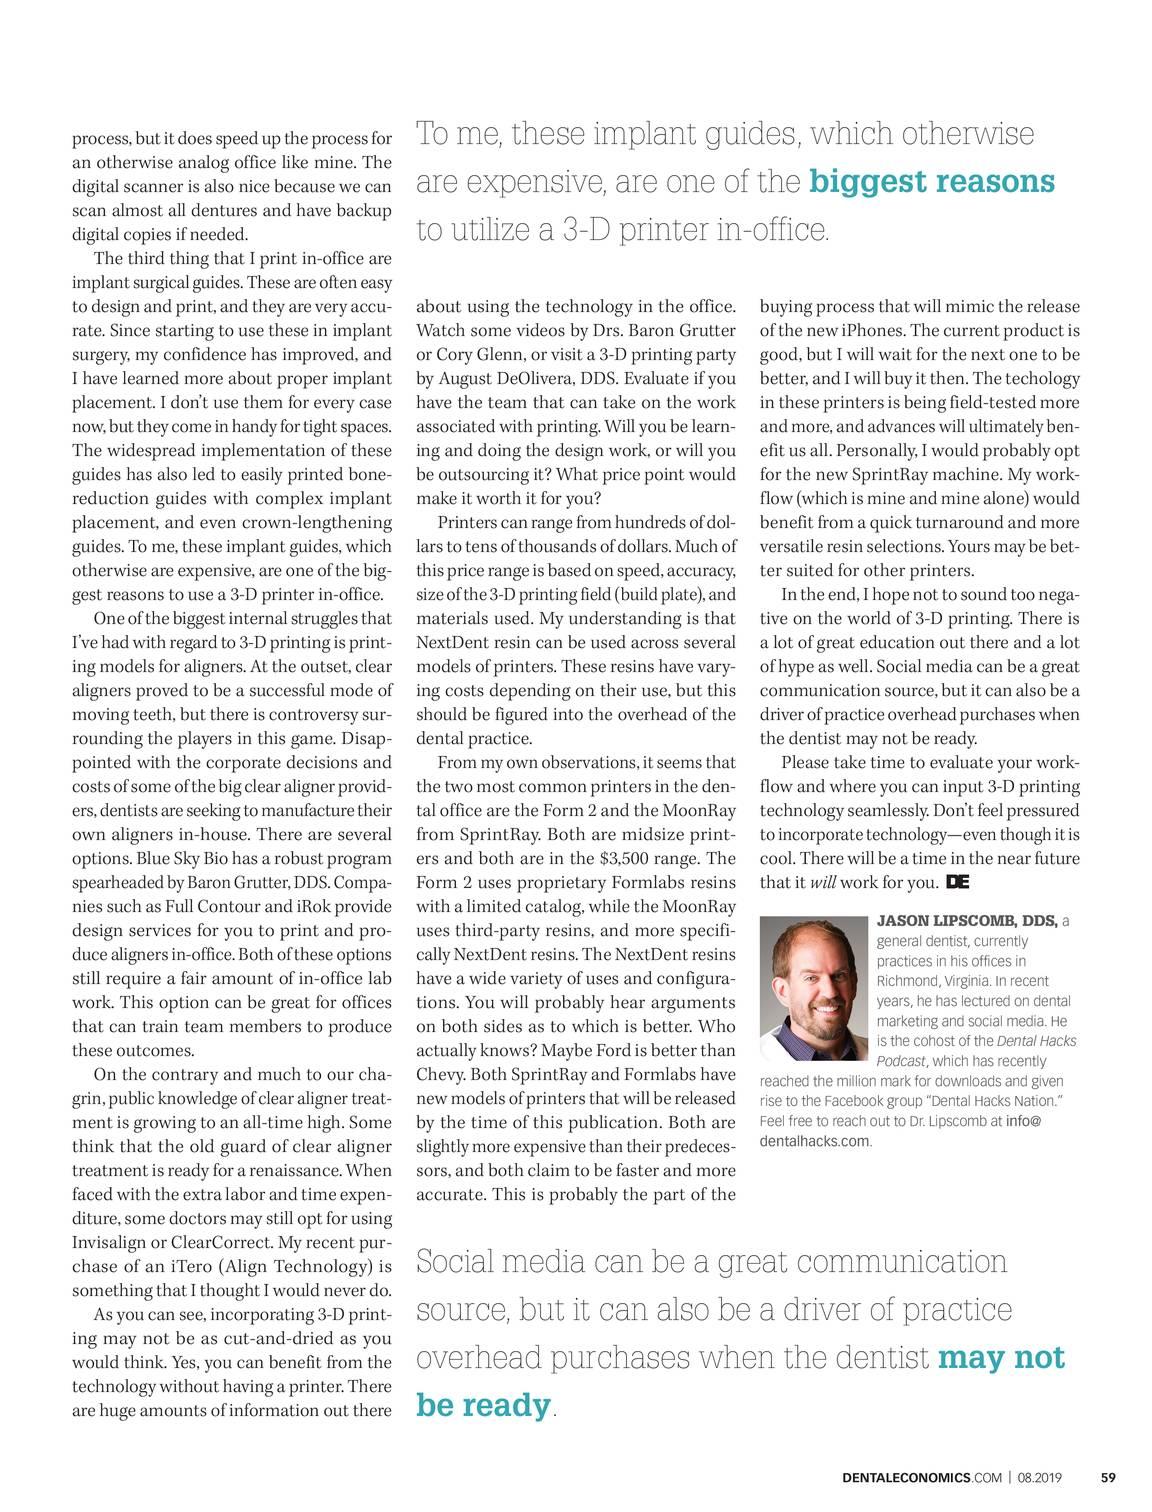 Dental Economics - August 2019 - page 60